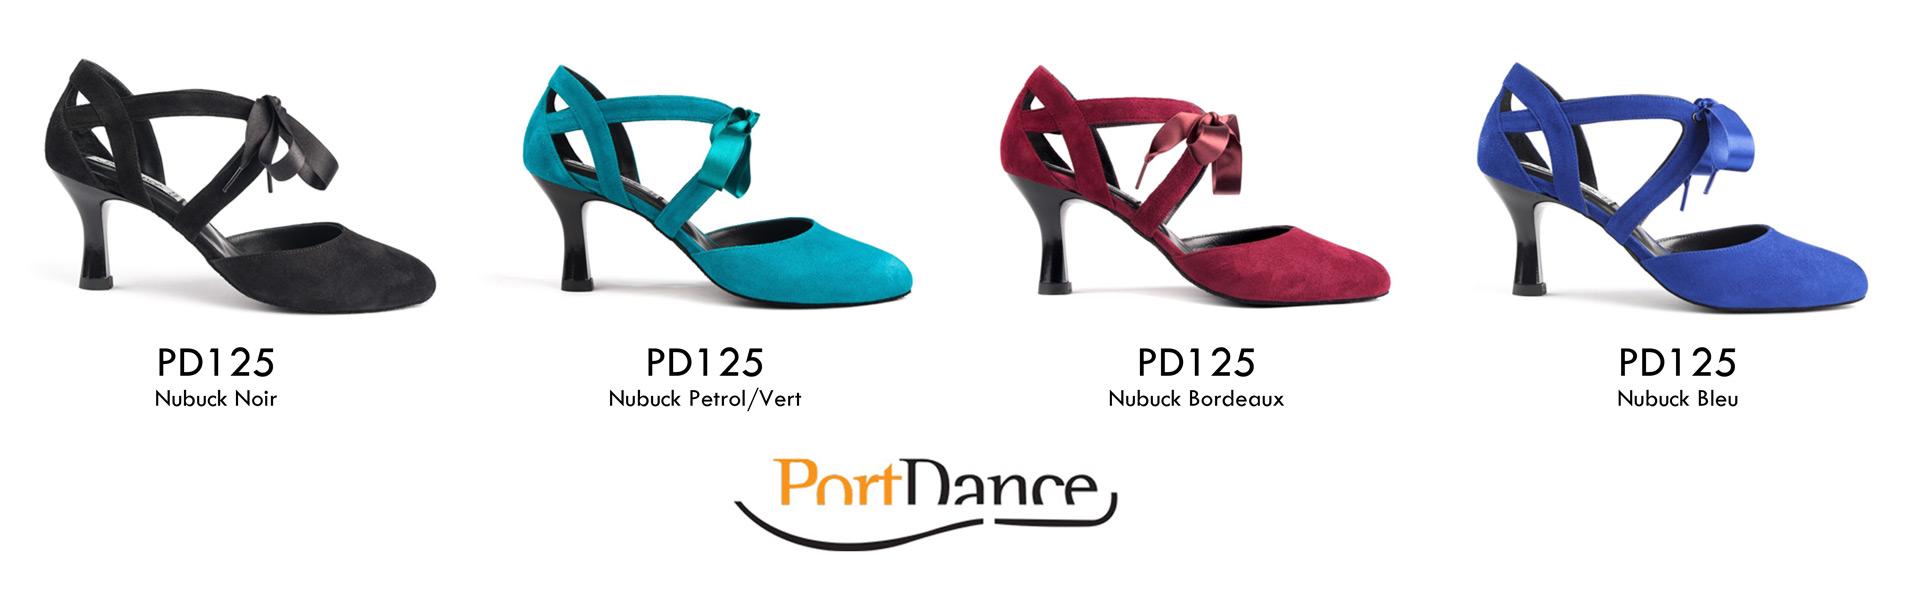 Portdance PD125 Chaussures de Danse